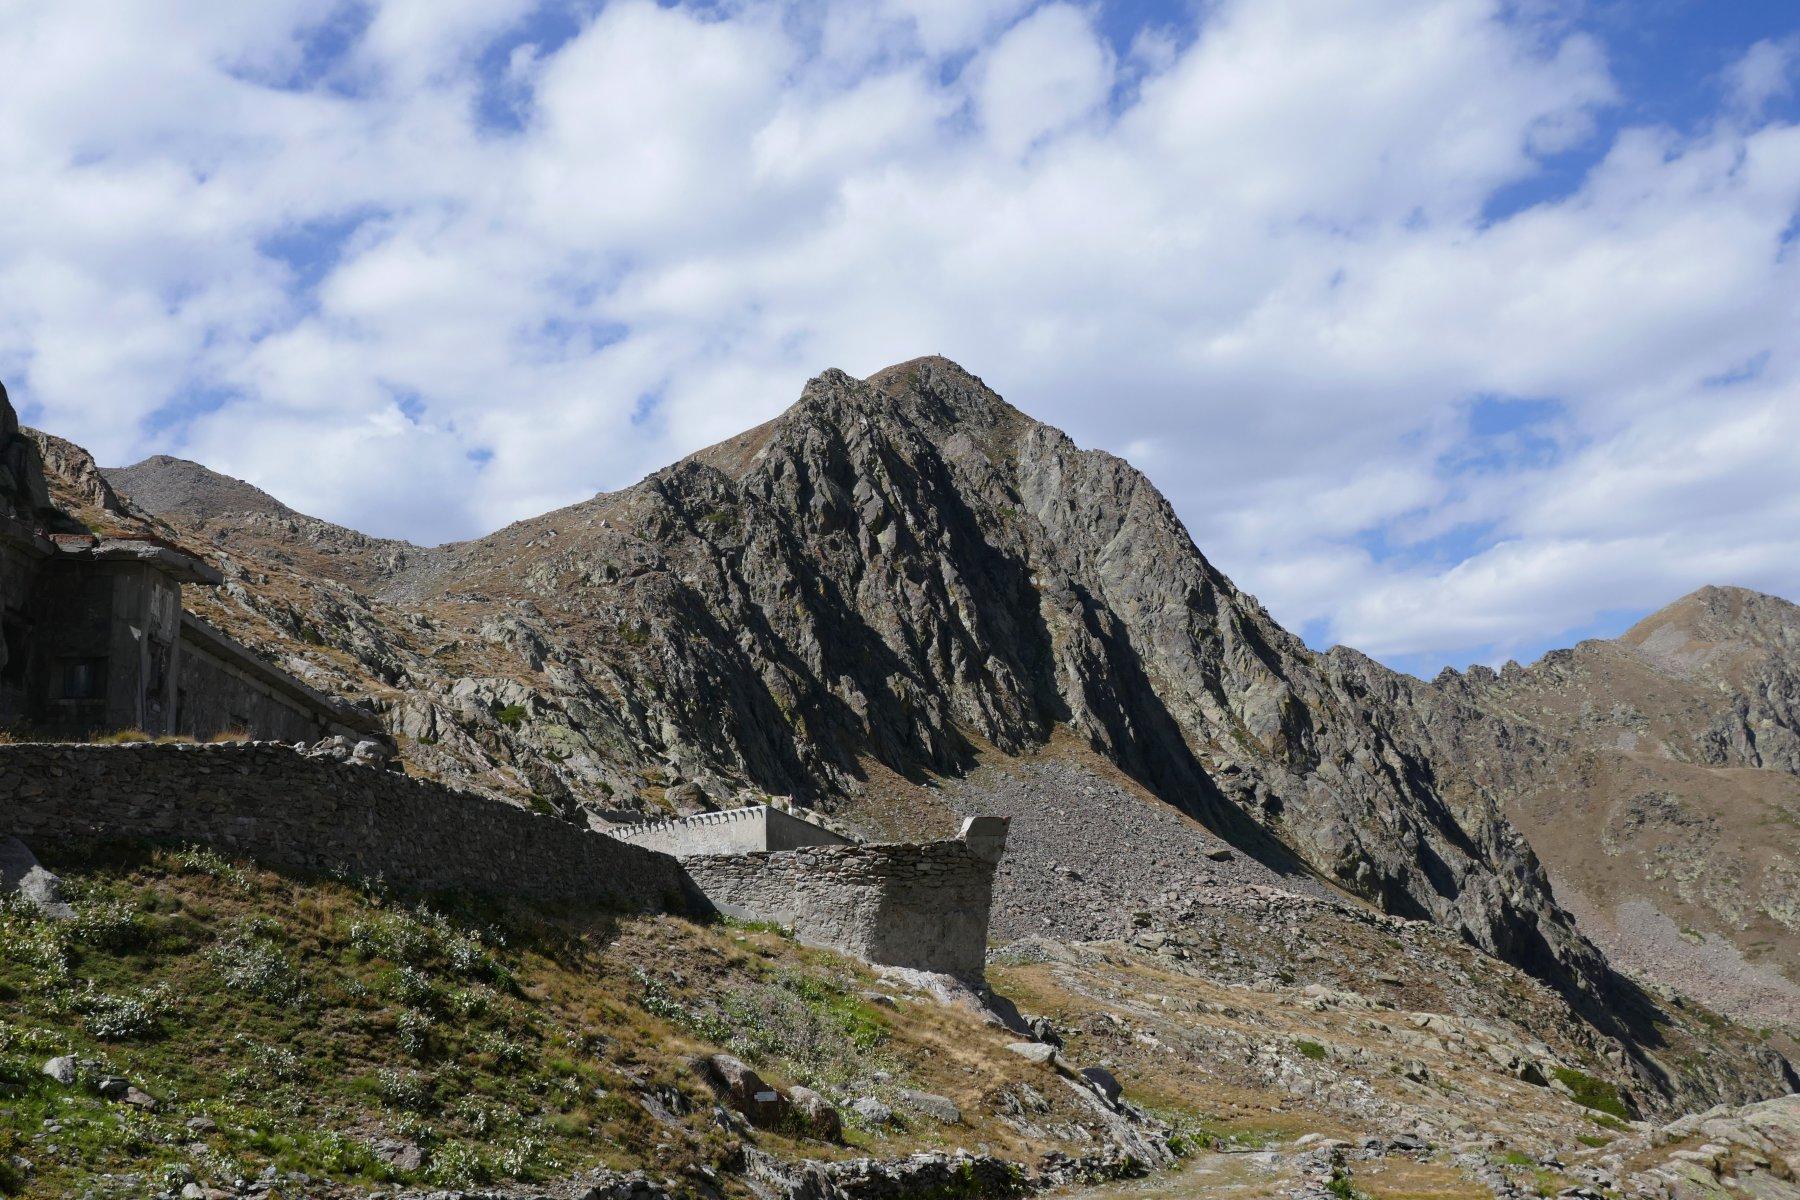 La cima di Seccia (Tommy) e la singolare fortificazione bellica